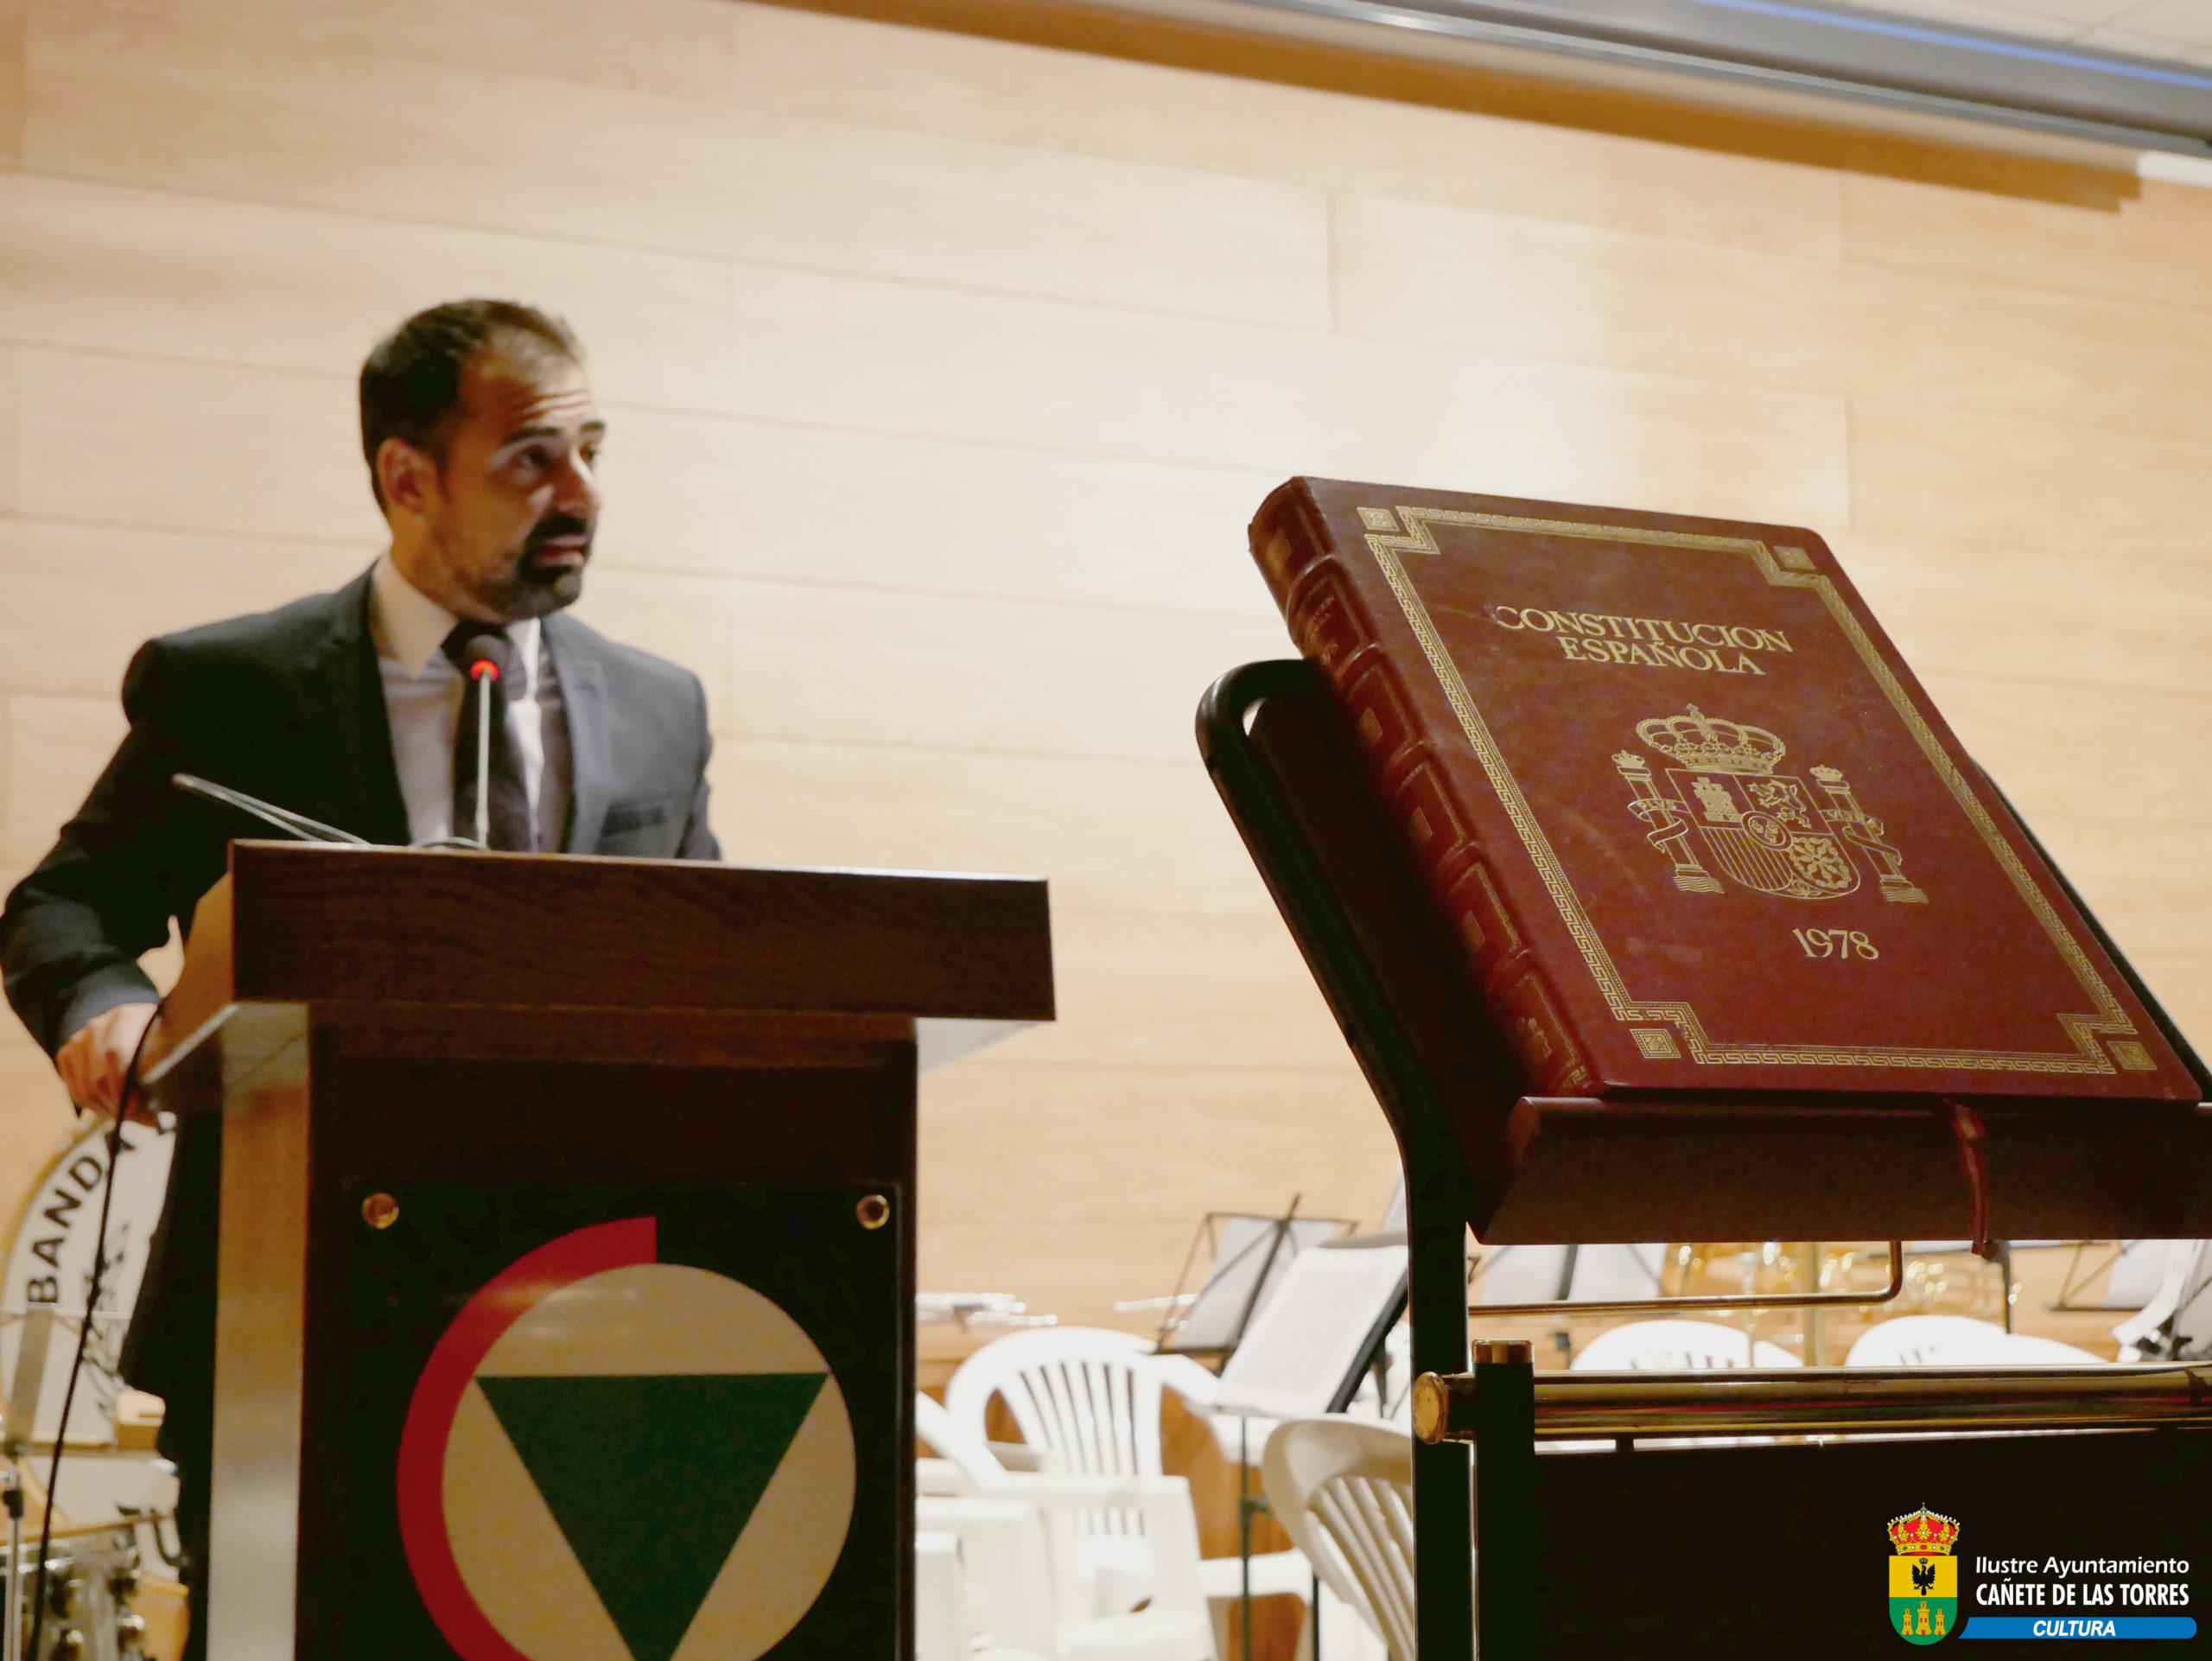 ACTO INSTITUCIONAL DÍA 6 DE DICIEMBRE DE 2018, 40 AÑOS DE CONSTITUCIÓN ESPAÑOLA 1